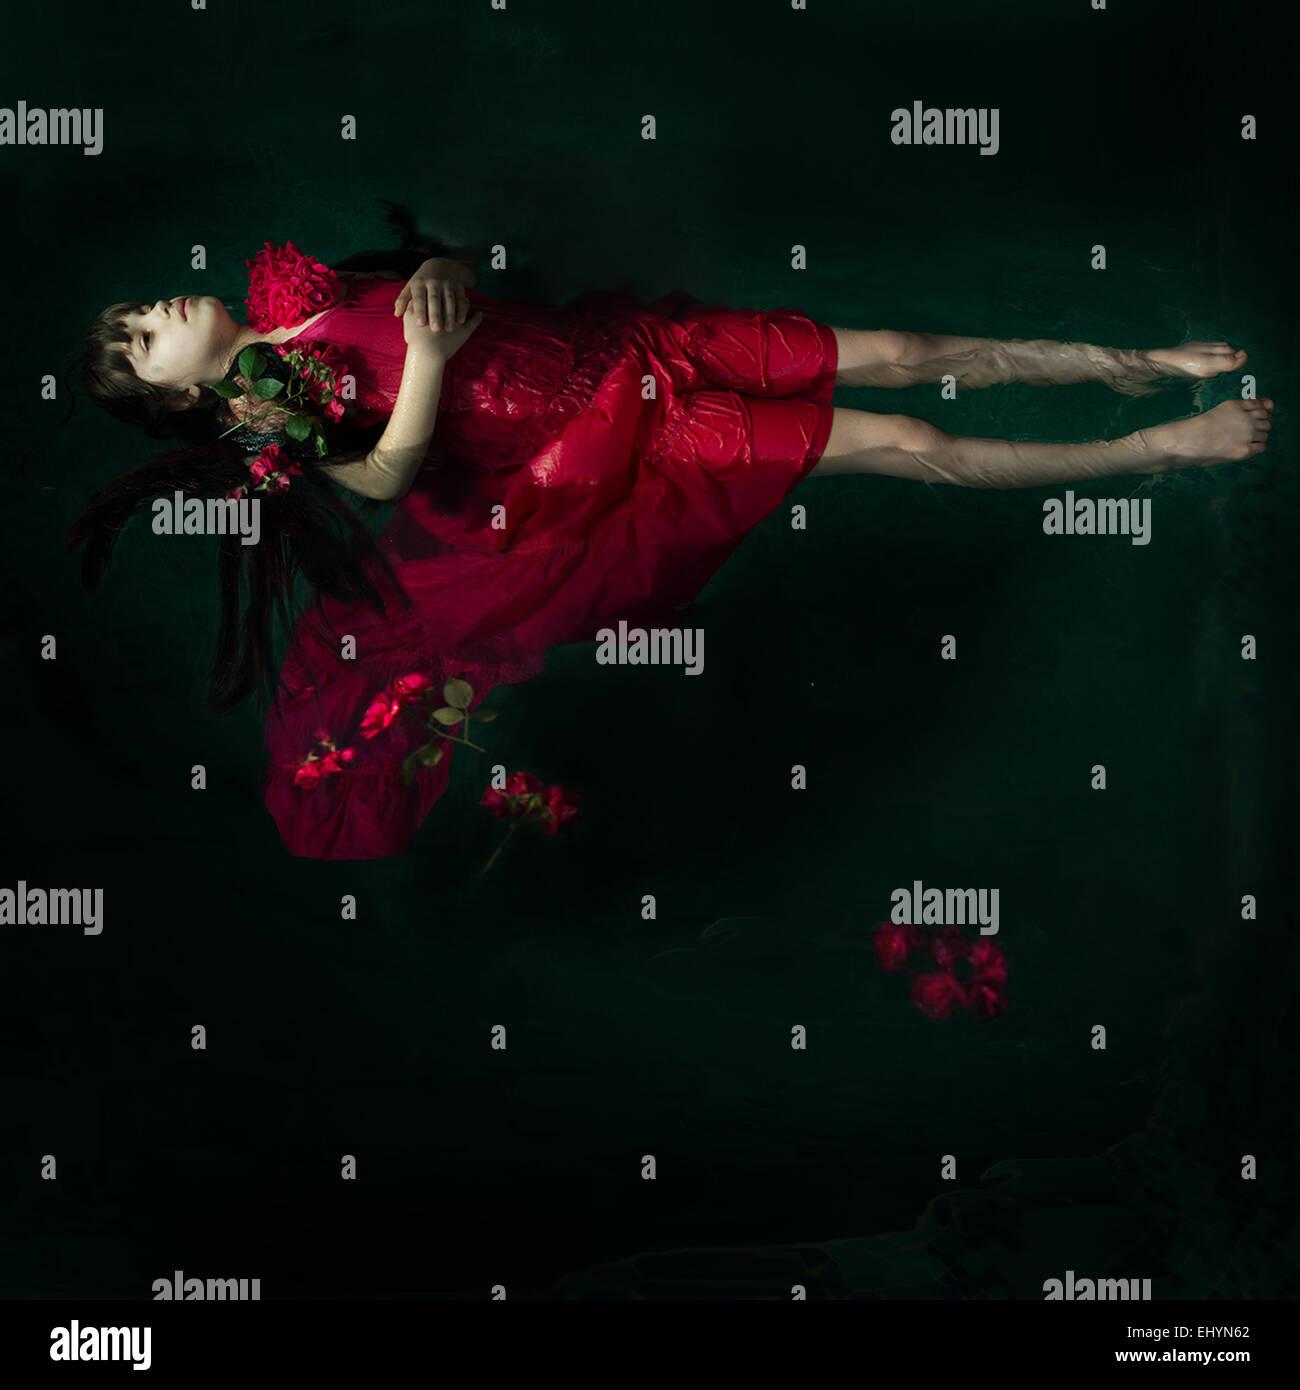 Jeune fille dans une robe rouge flottant dans l'eau avec roses rouges Photo Stock